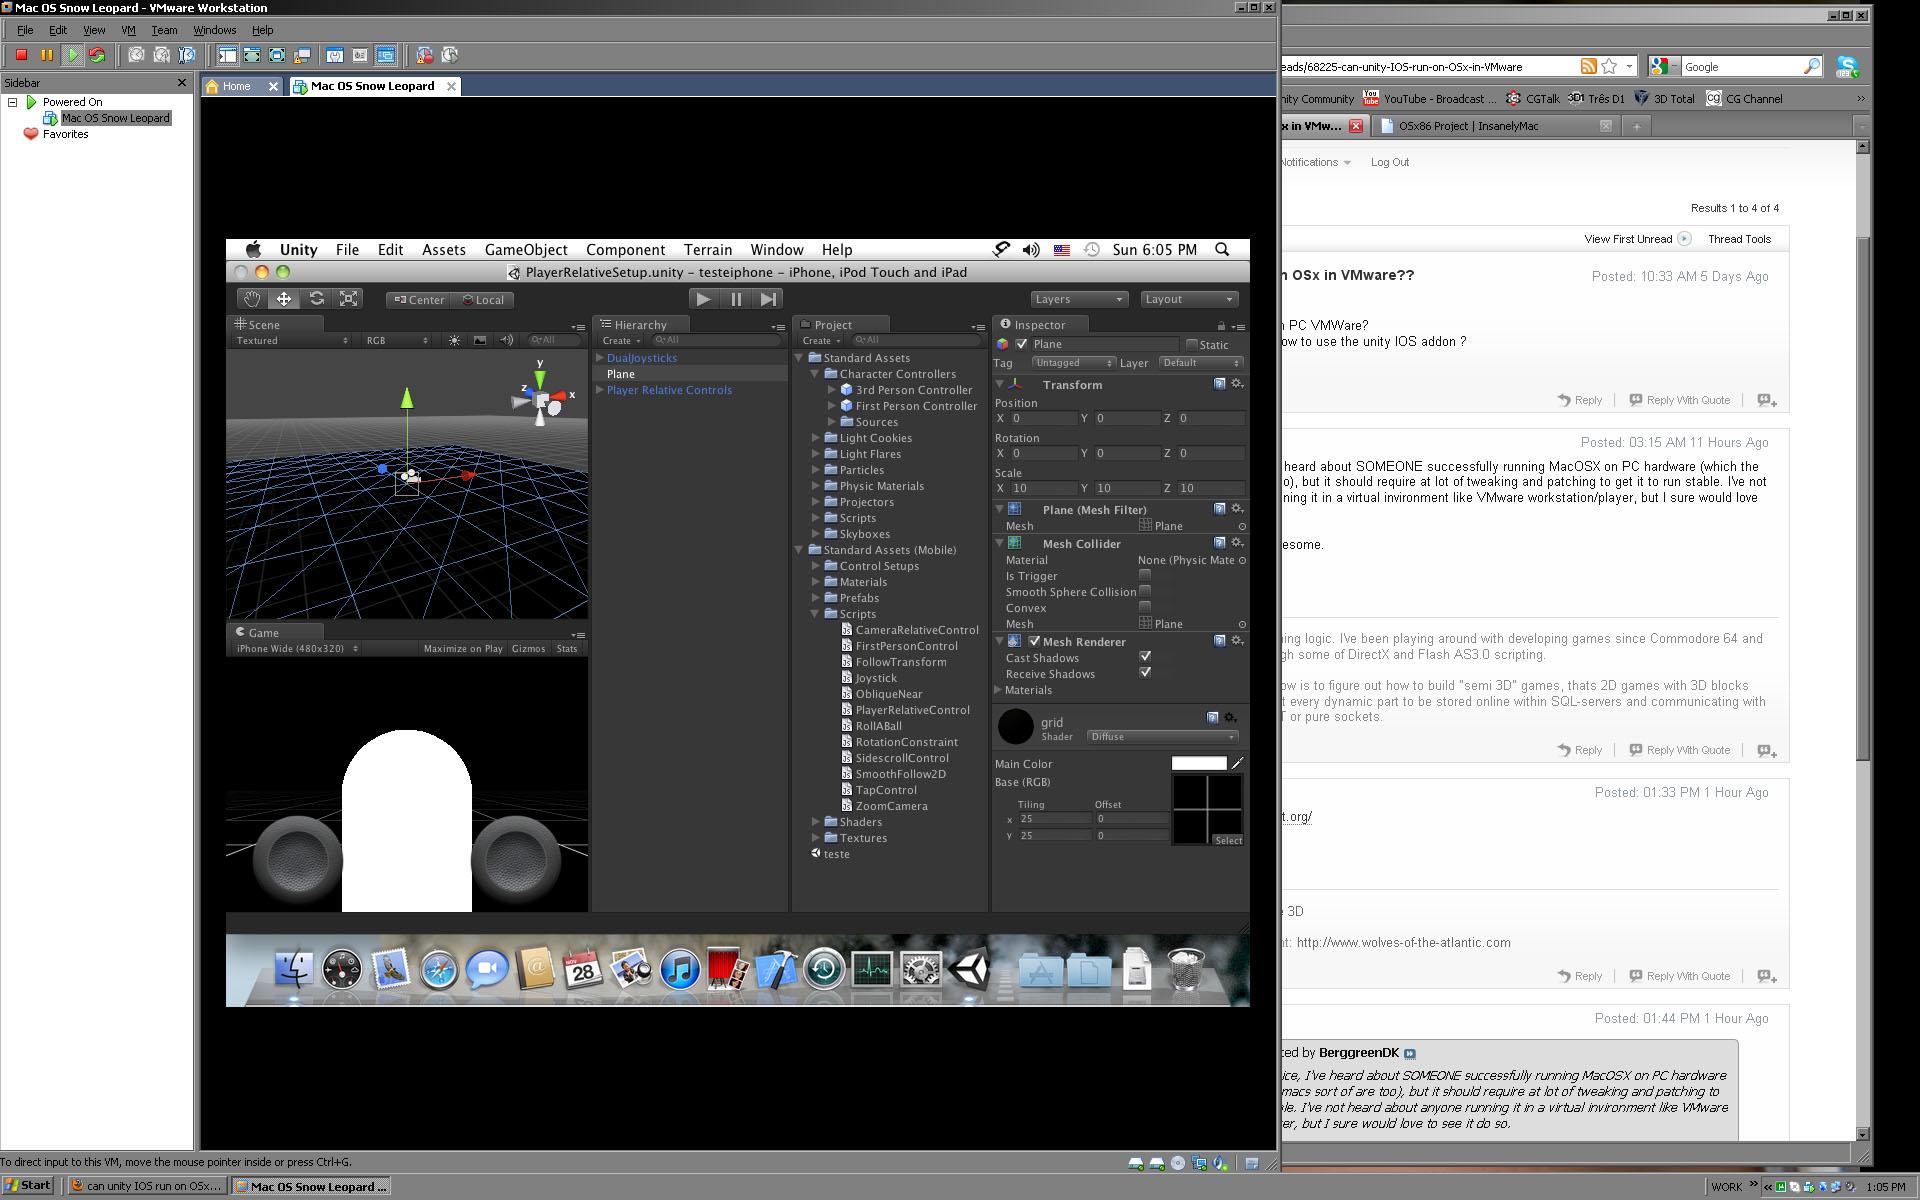 Mac os snow leopard vmware install